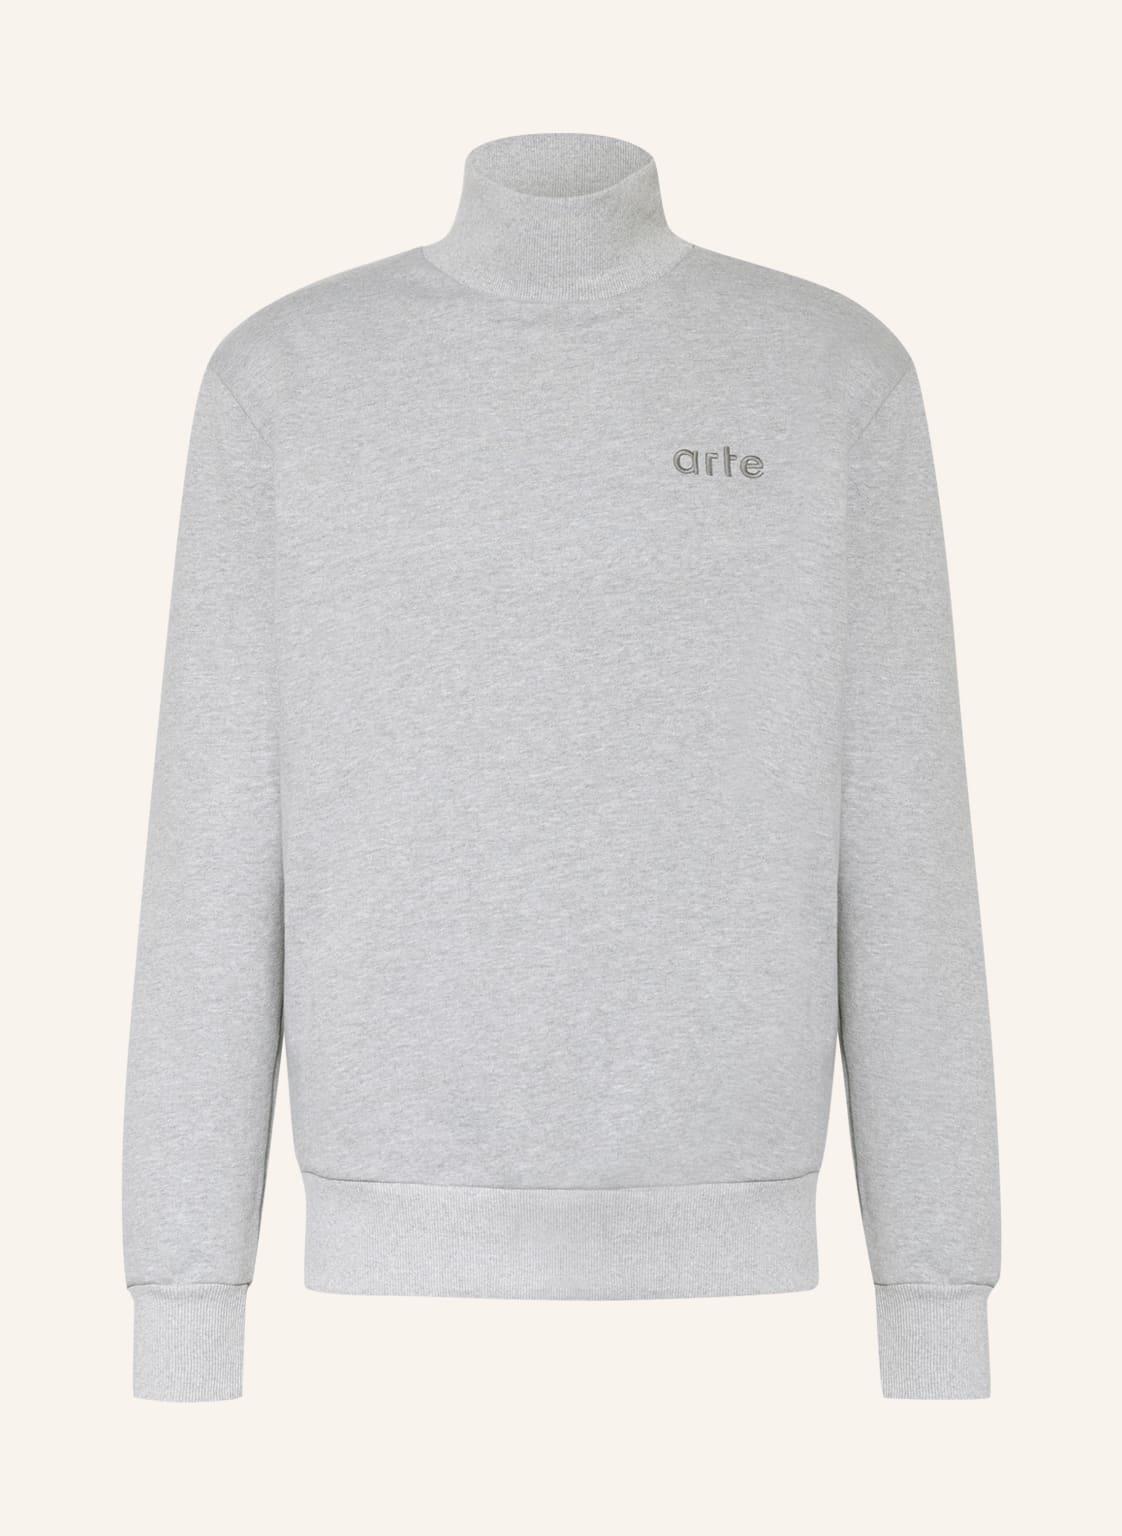 Image of Arte Antwerp Sweatshirt grau